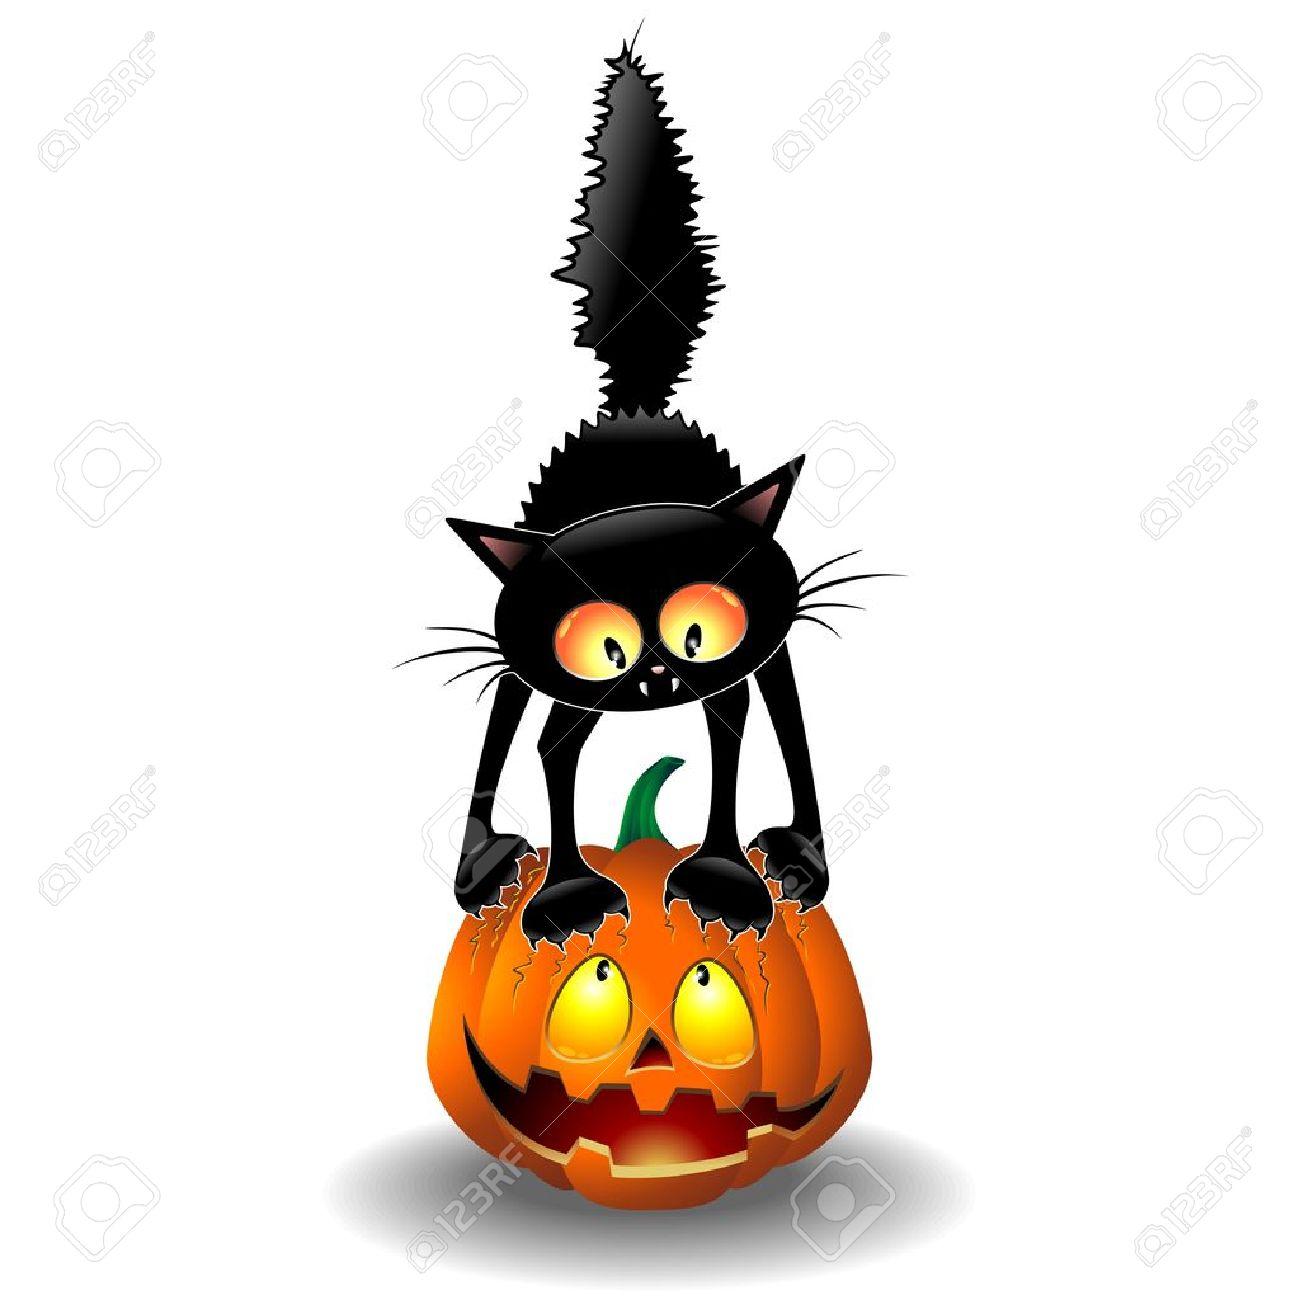 Scared Halloween Cat Cartoon scratching a Pumpkin Stock Vector - 21299348